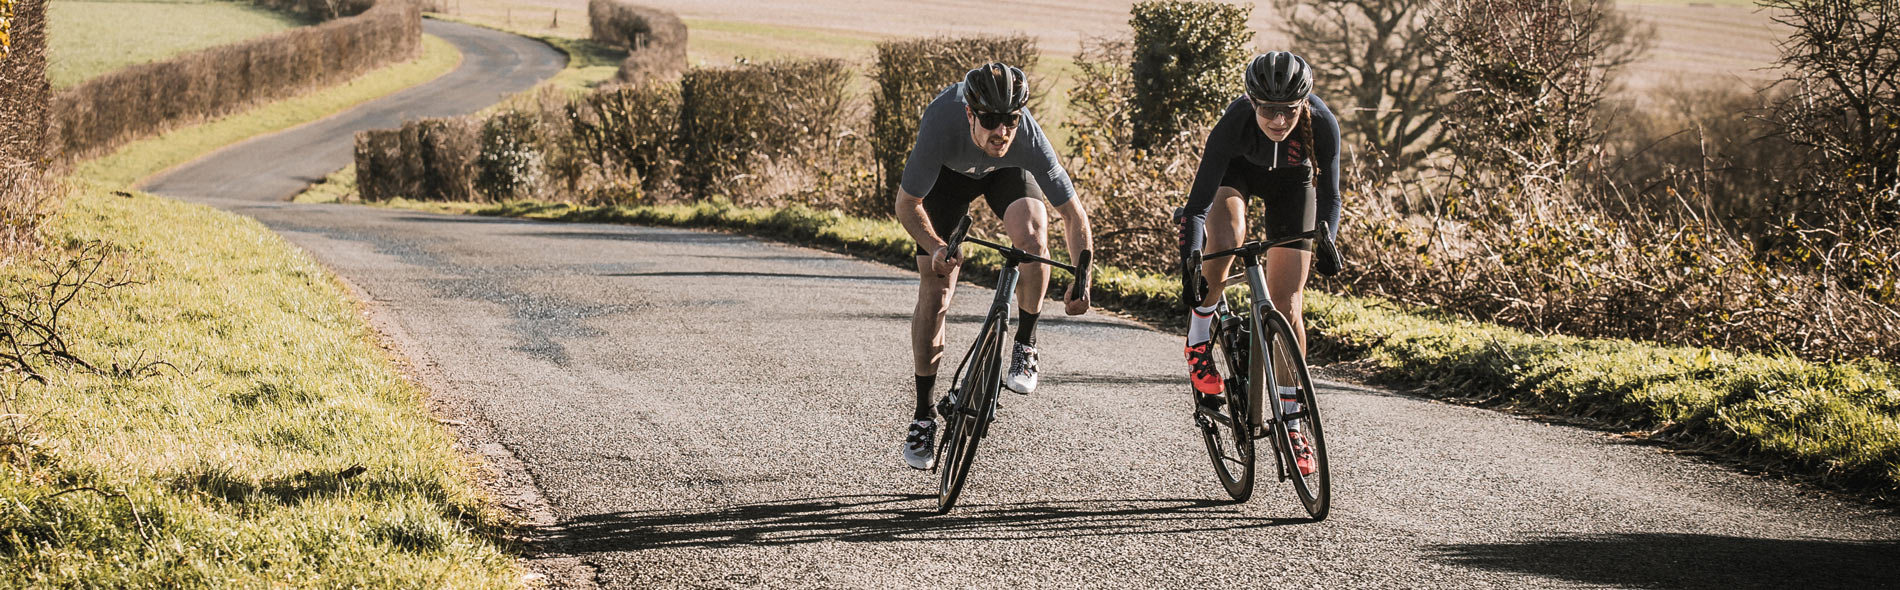 Road Focus Bikes